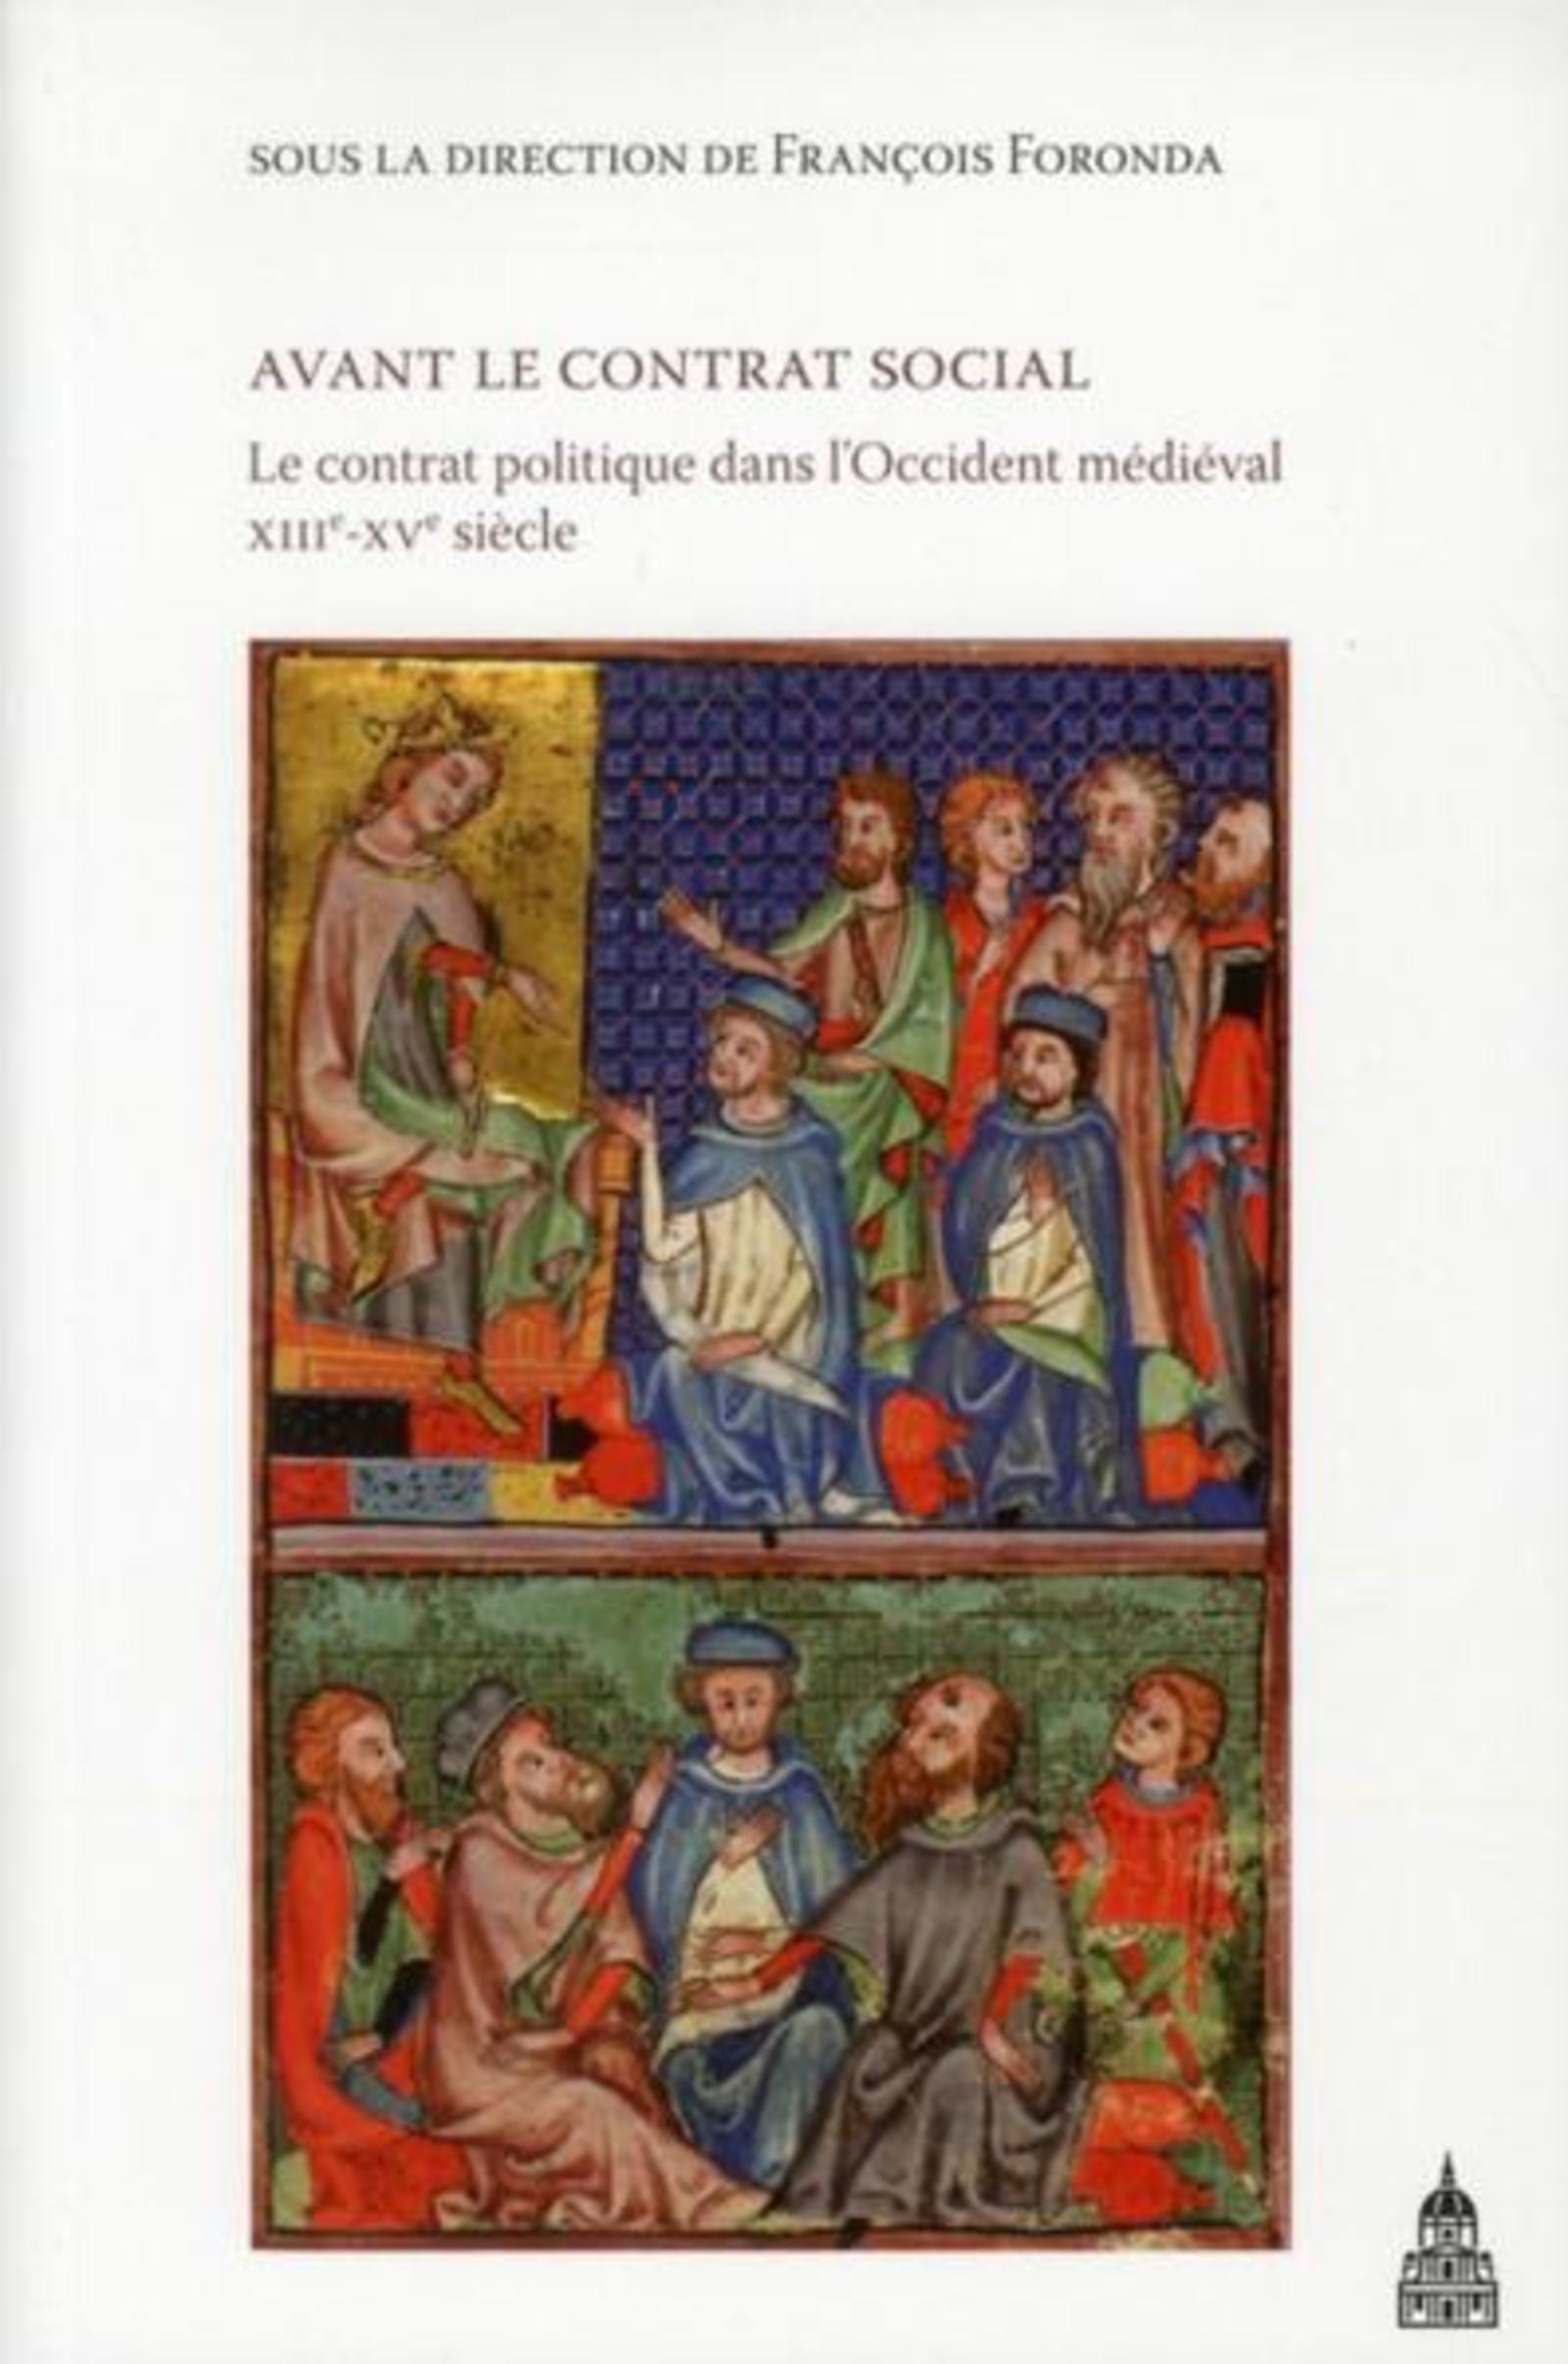 AVANT LE CONTRAT SOCIAL LE CONTRAT POLITIQUE DANS L OCCIDENT MEDIEVAL XIIIE XVE